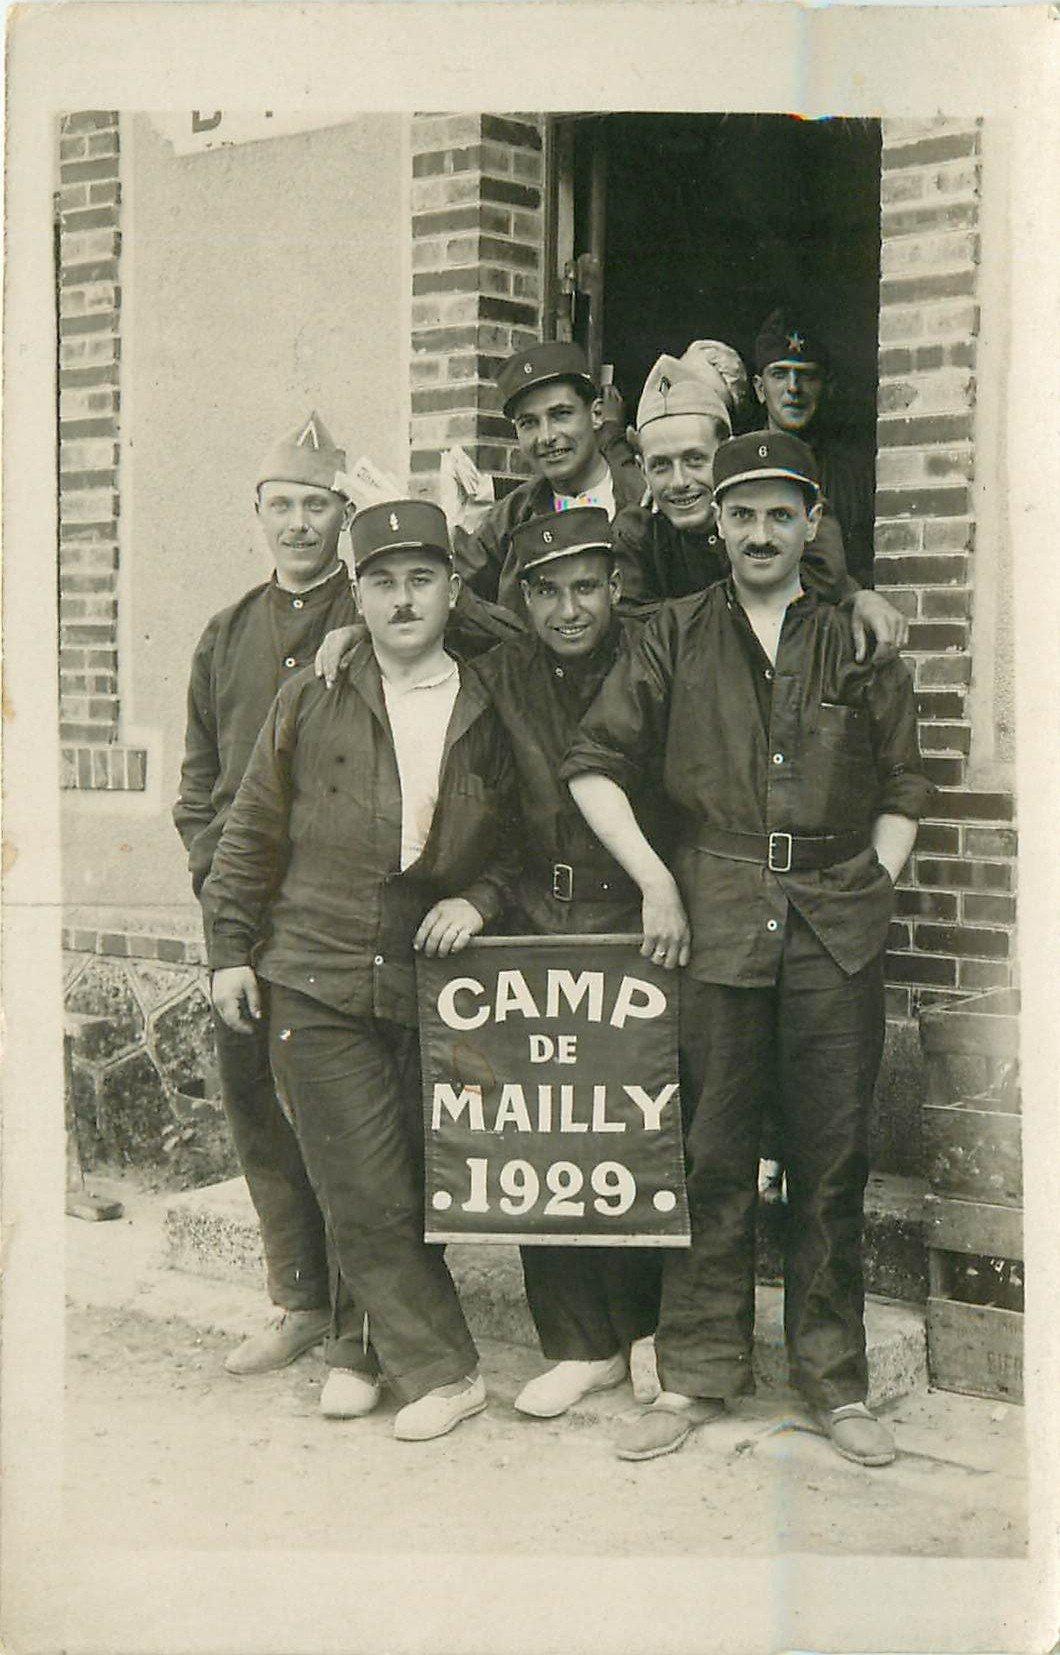 10 CAMP DE MAILLY. Photo carte postale de Militaires 1929